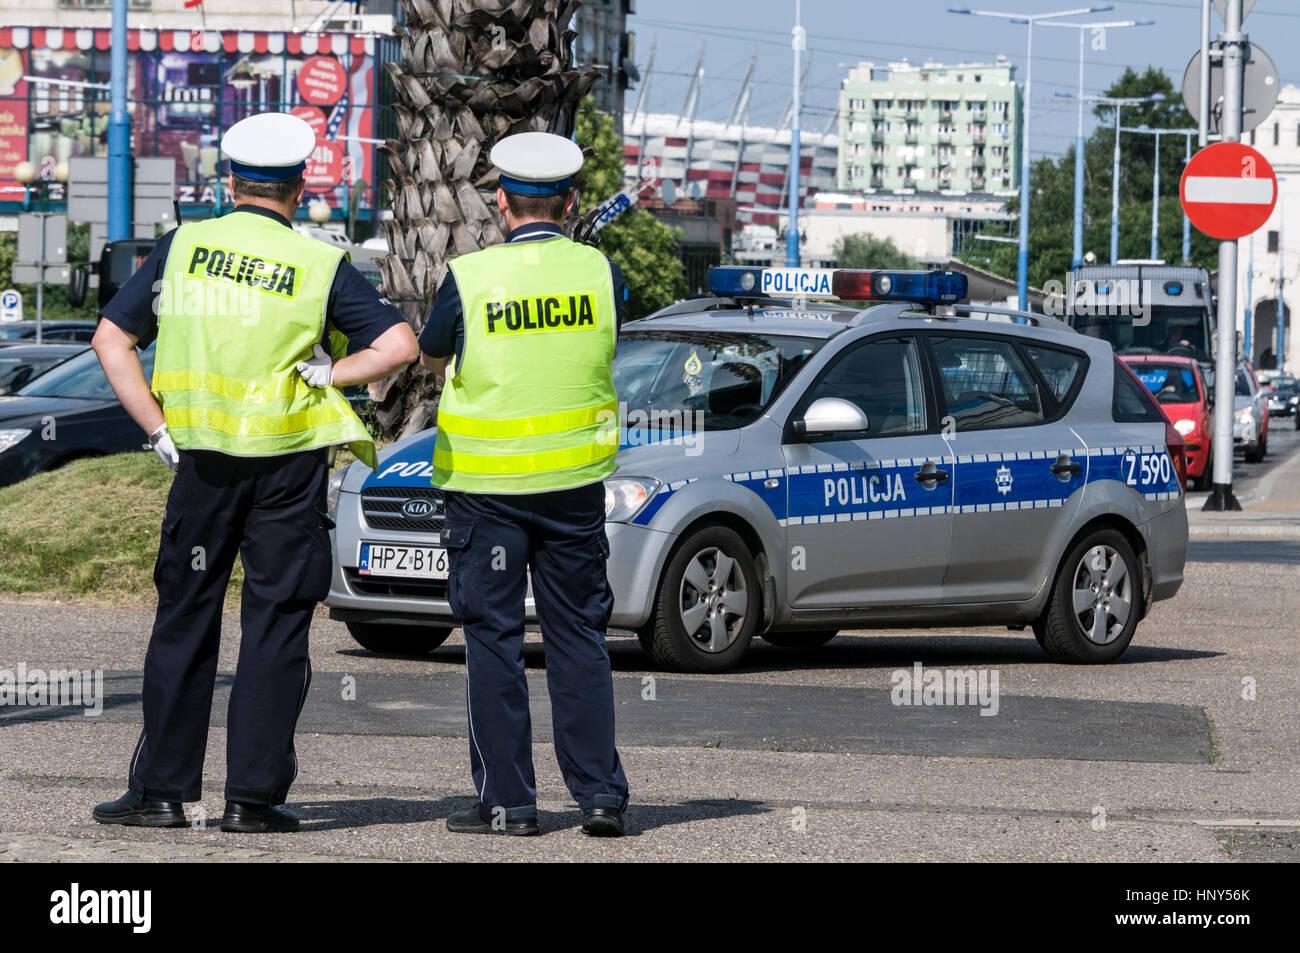 La policía de la ciudad de Varsovia sobre el deber de tráfico en el centro de Varsovia en Polonia Imagen De Stock